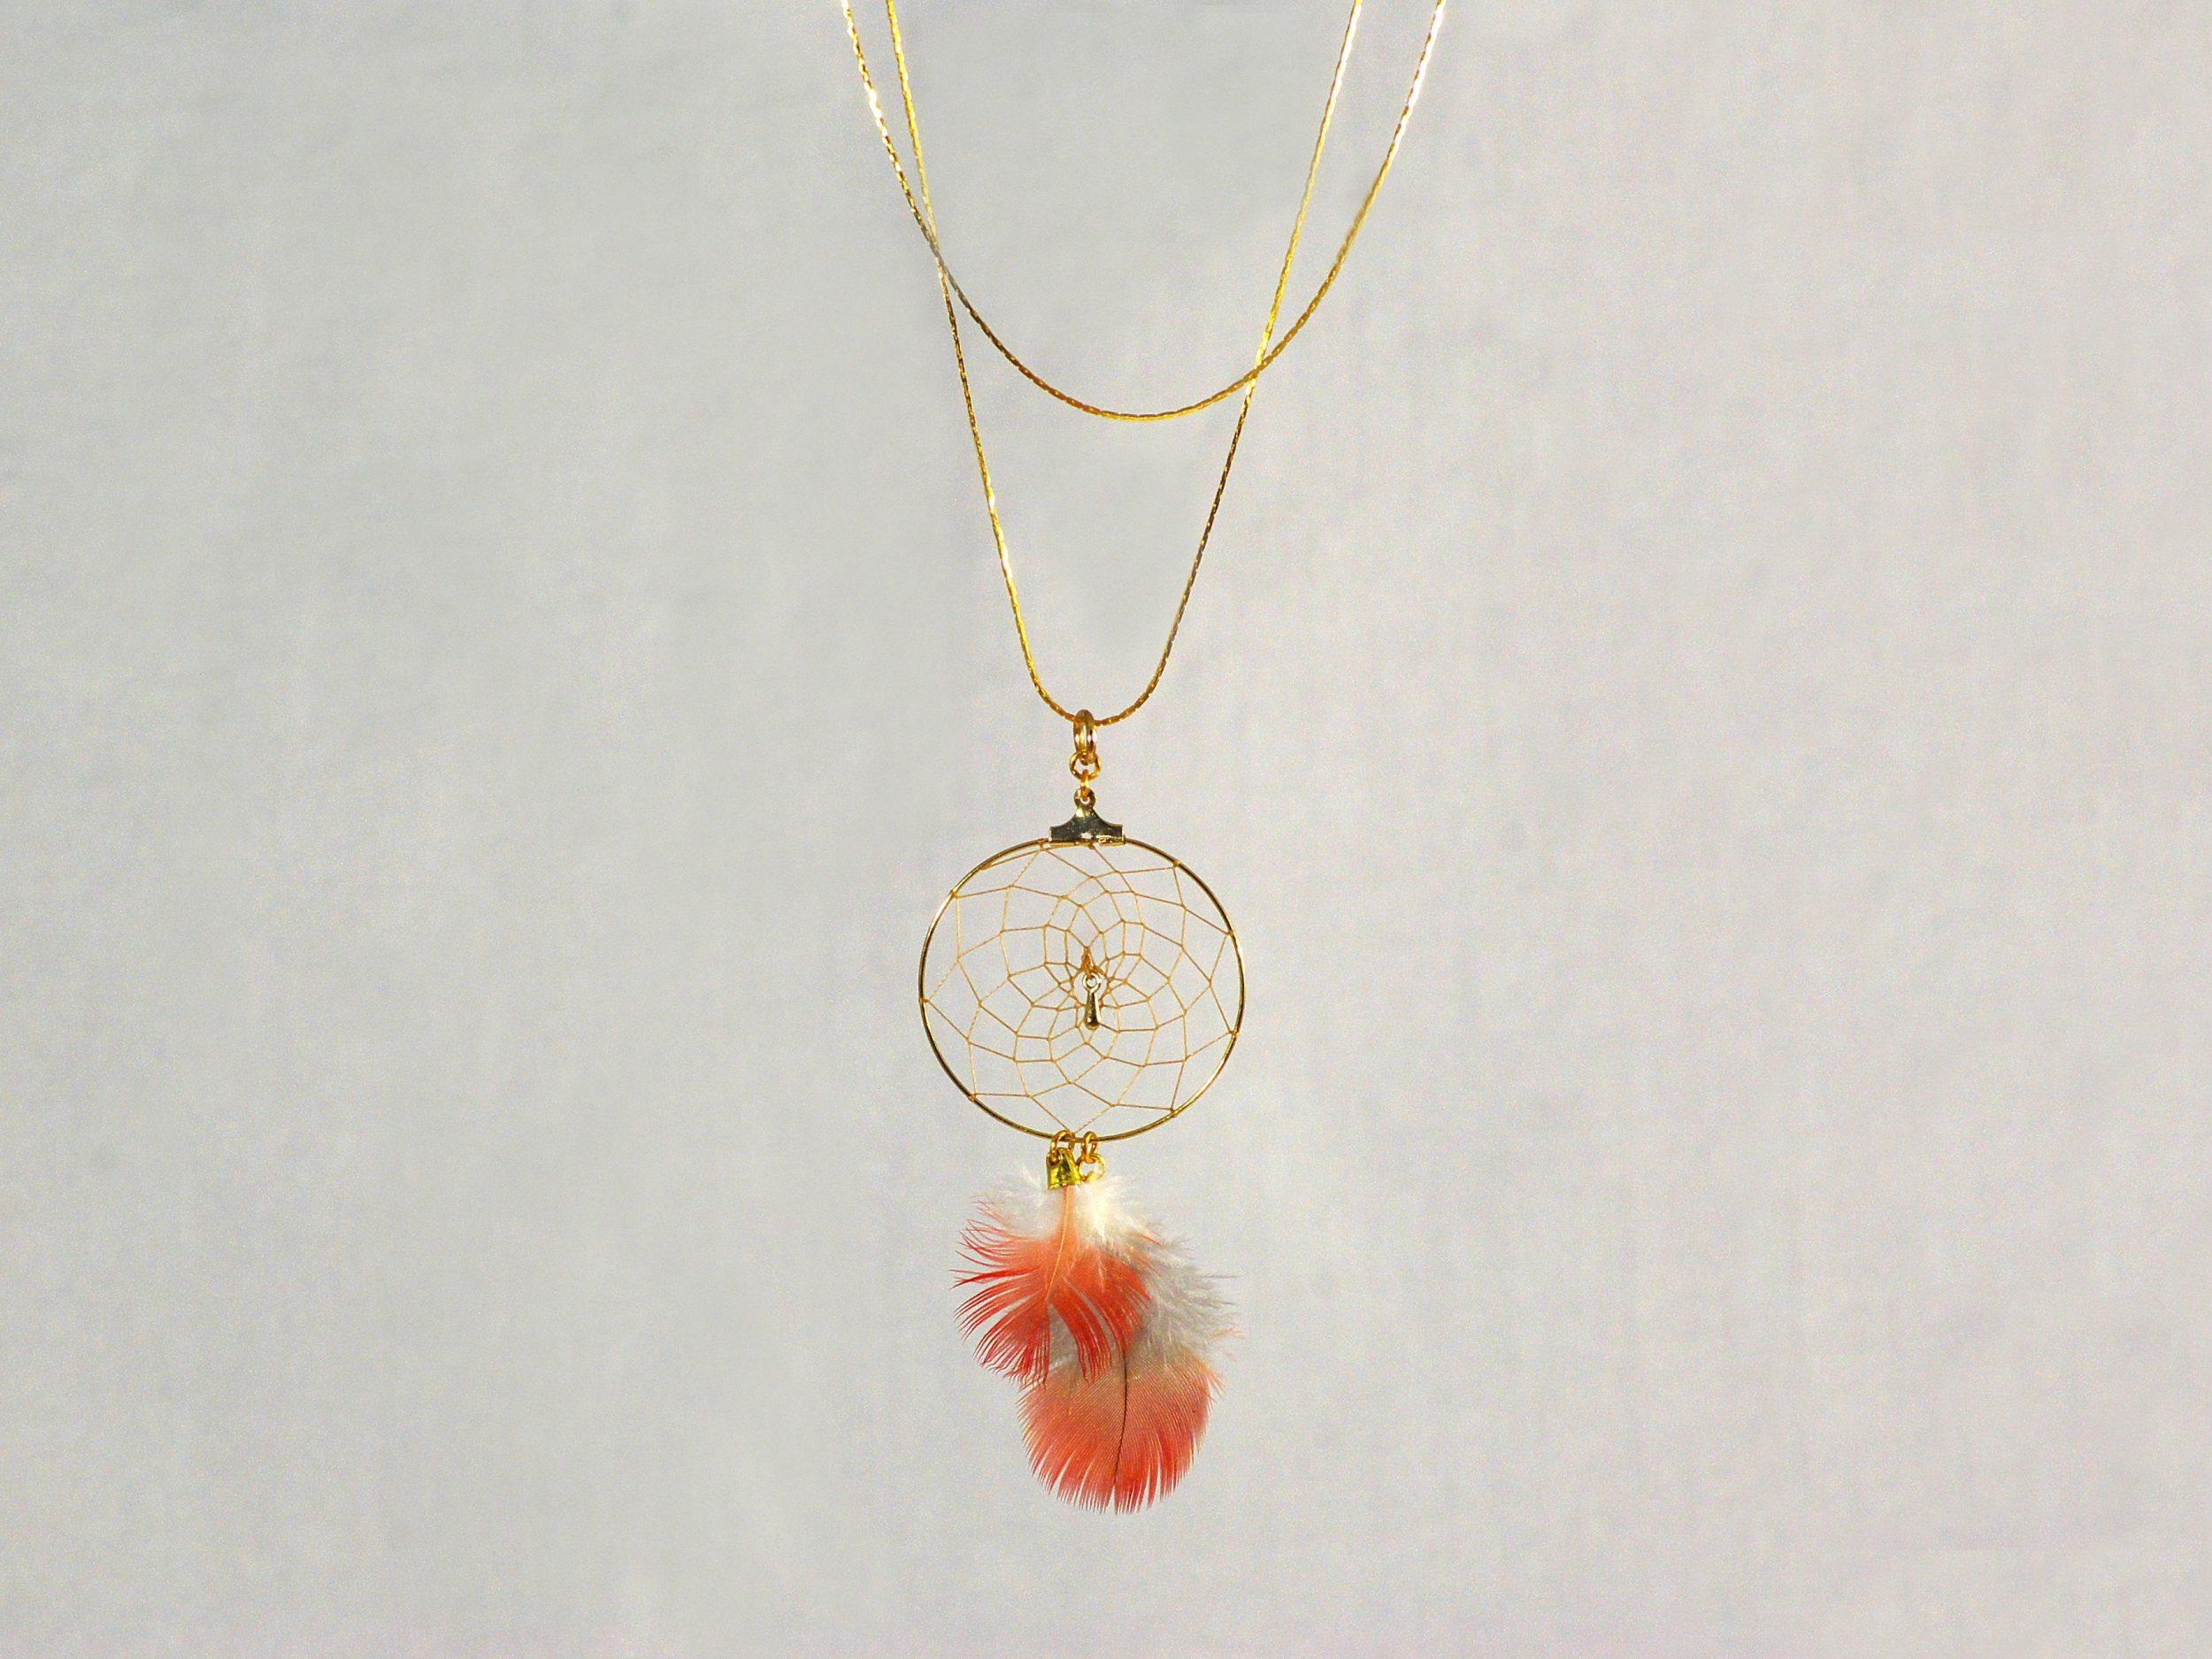 collier mi-long, deux tours de chaîne dorée, dreamcatcher doré à plumes rouges et blanches